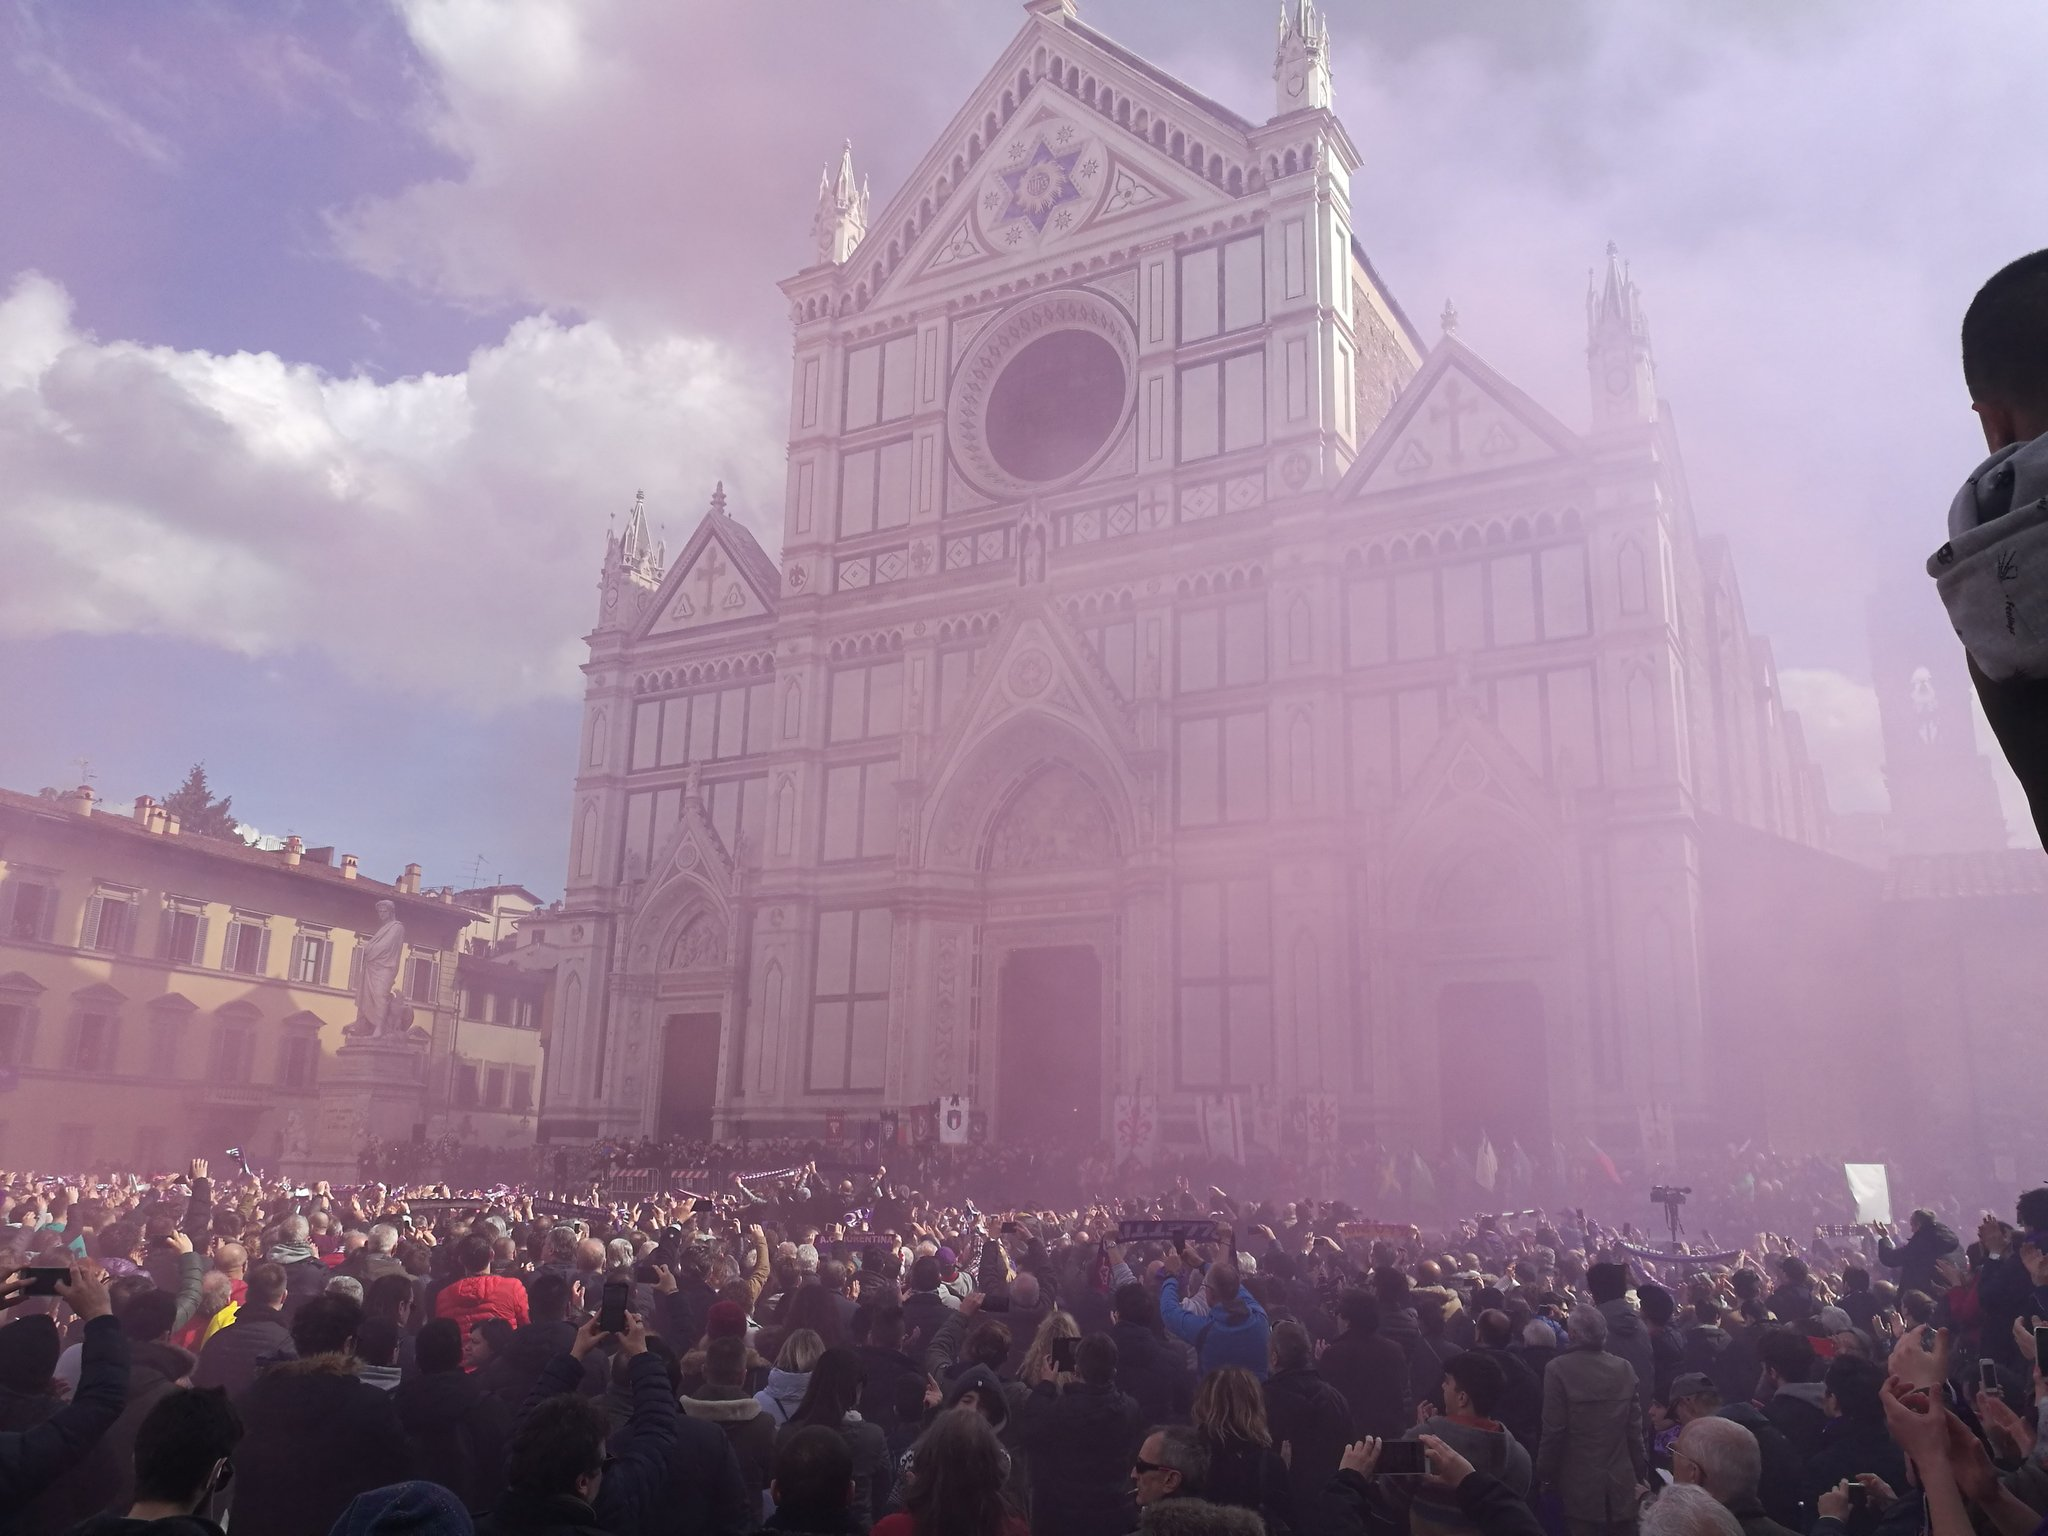 Florencia se tiñe de viola y rinde una espectacular despedida a Davide Astori